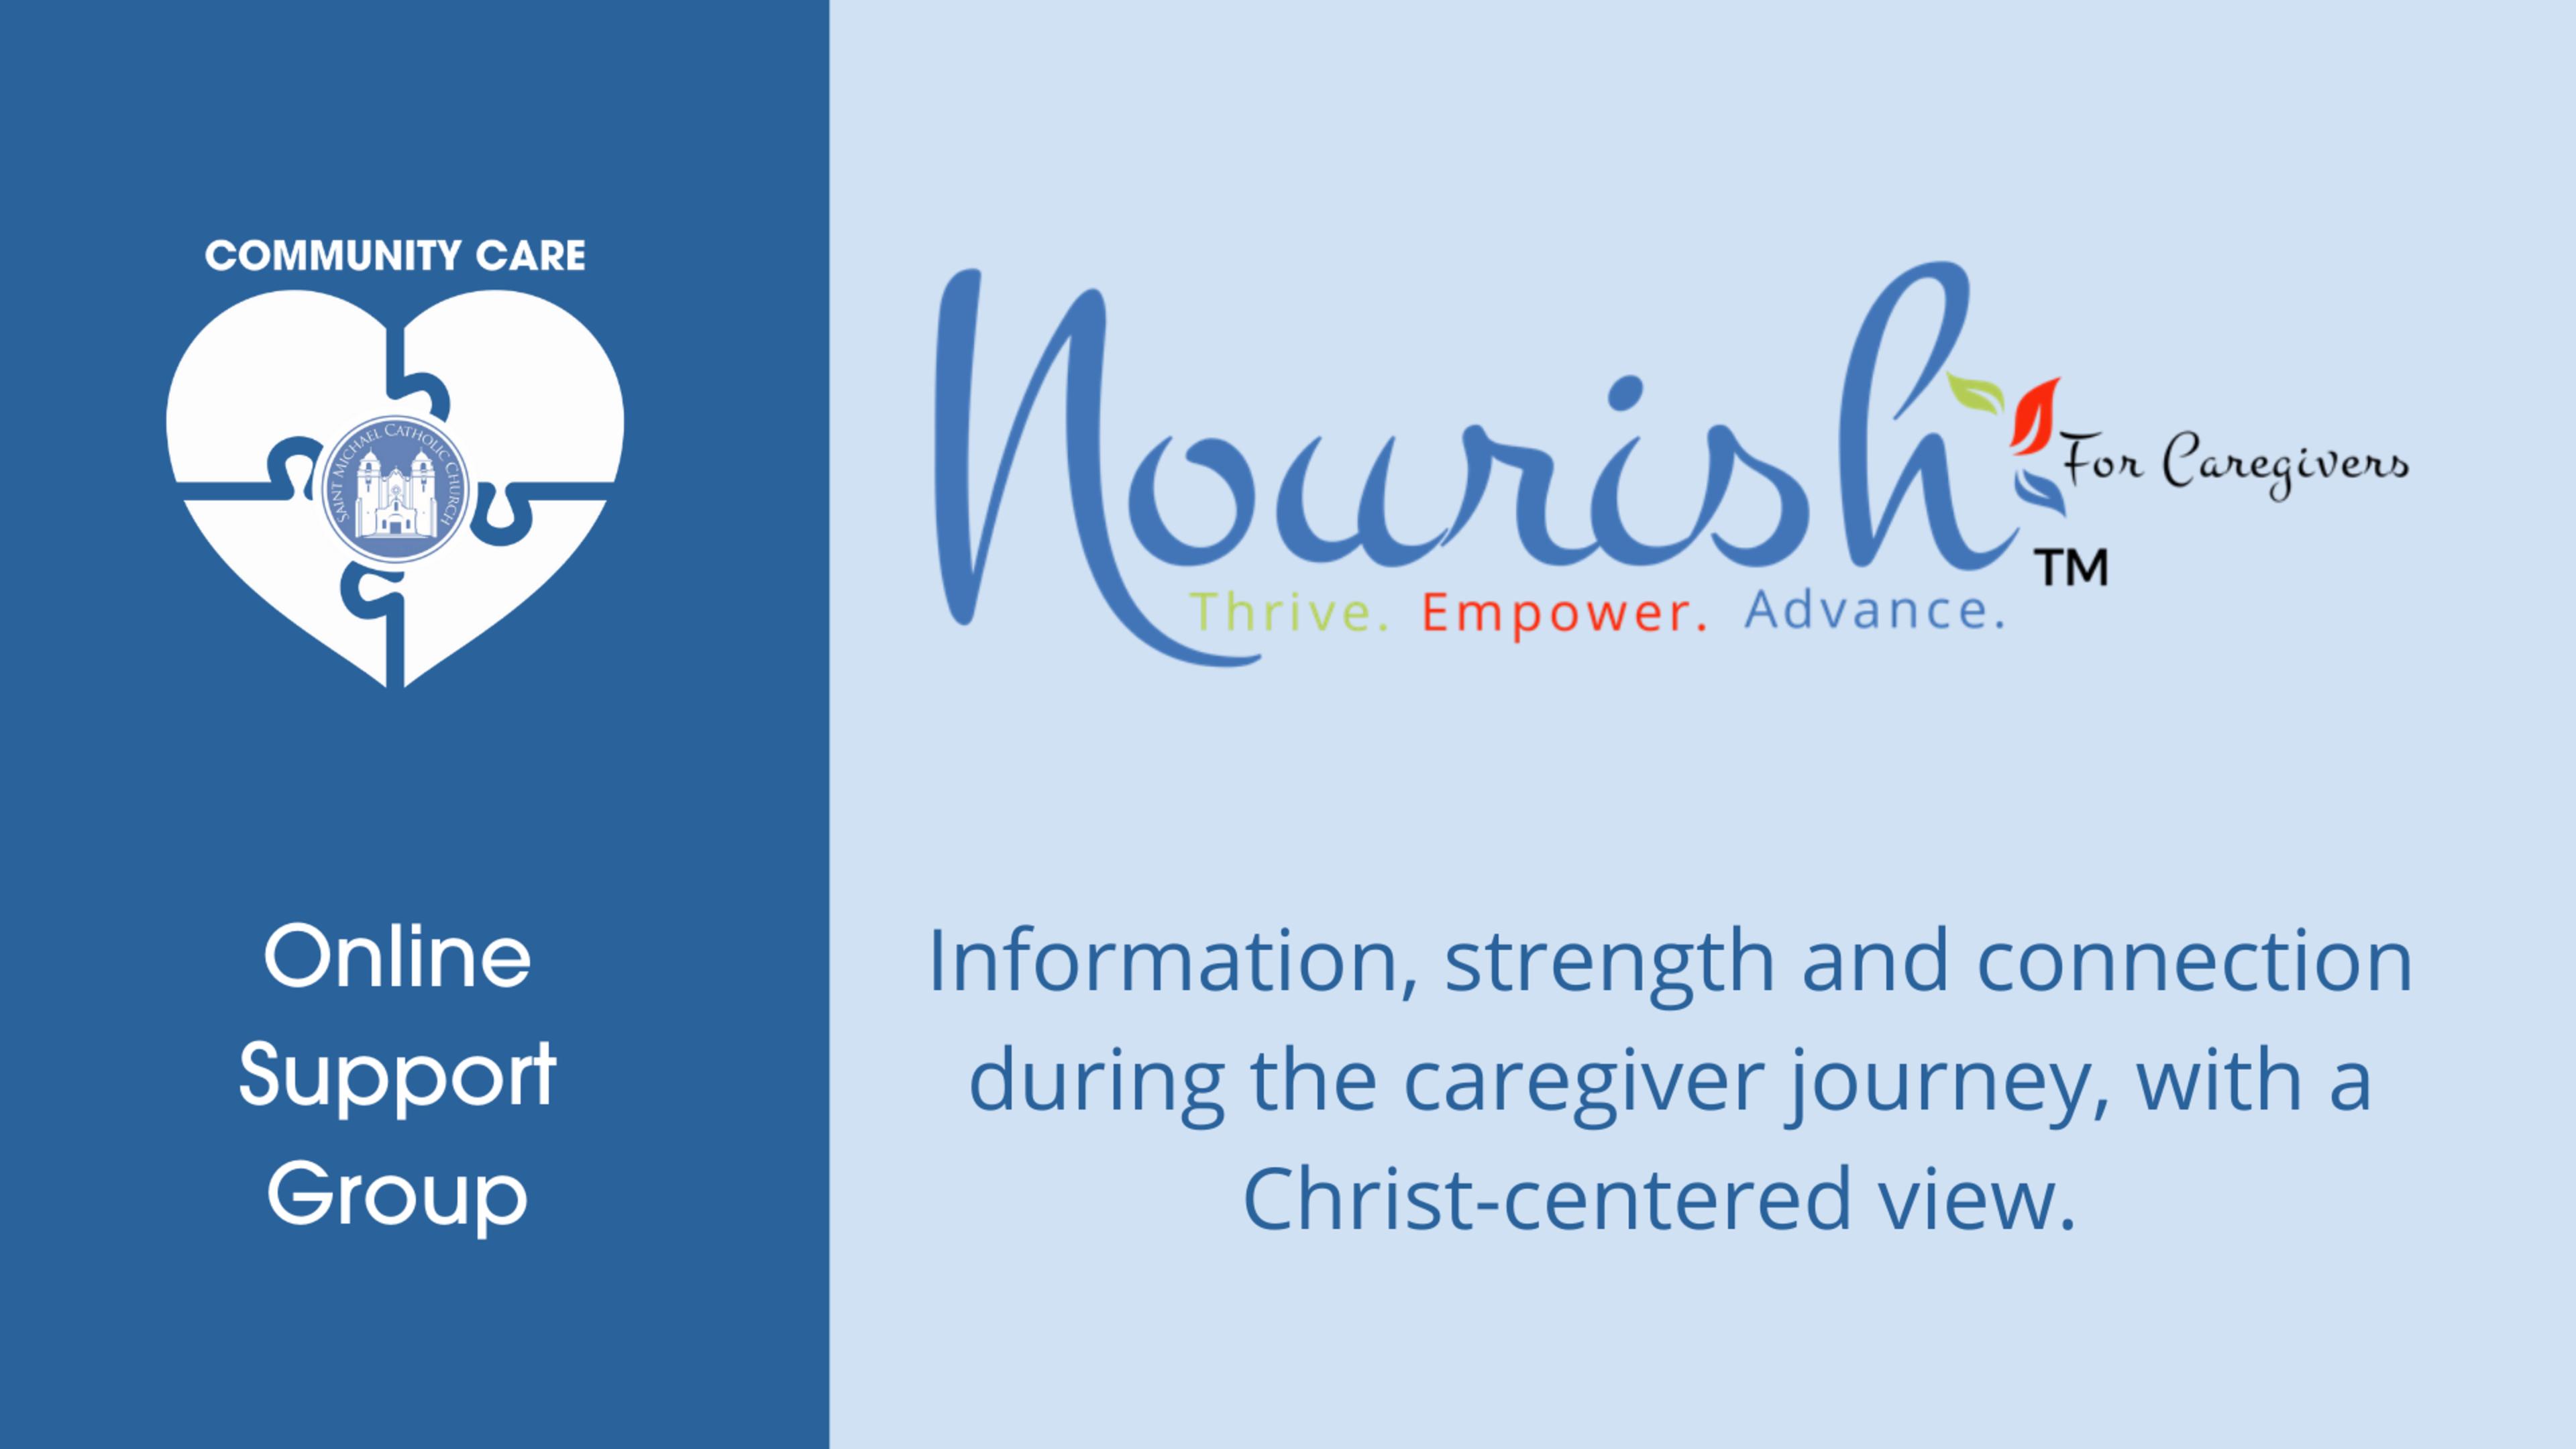 Community Care Nourish